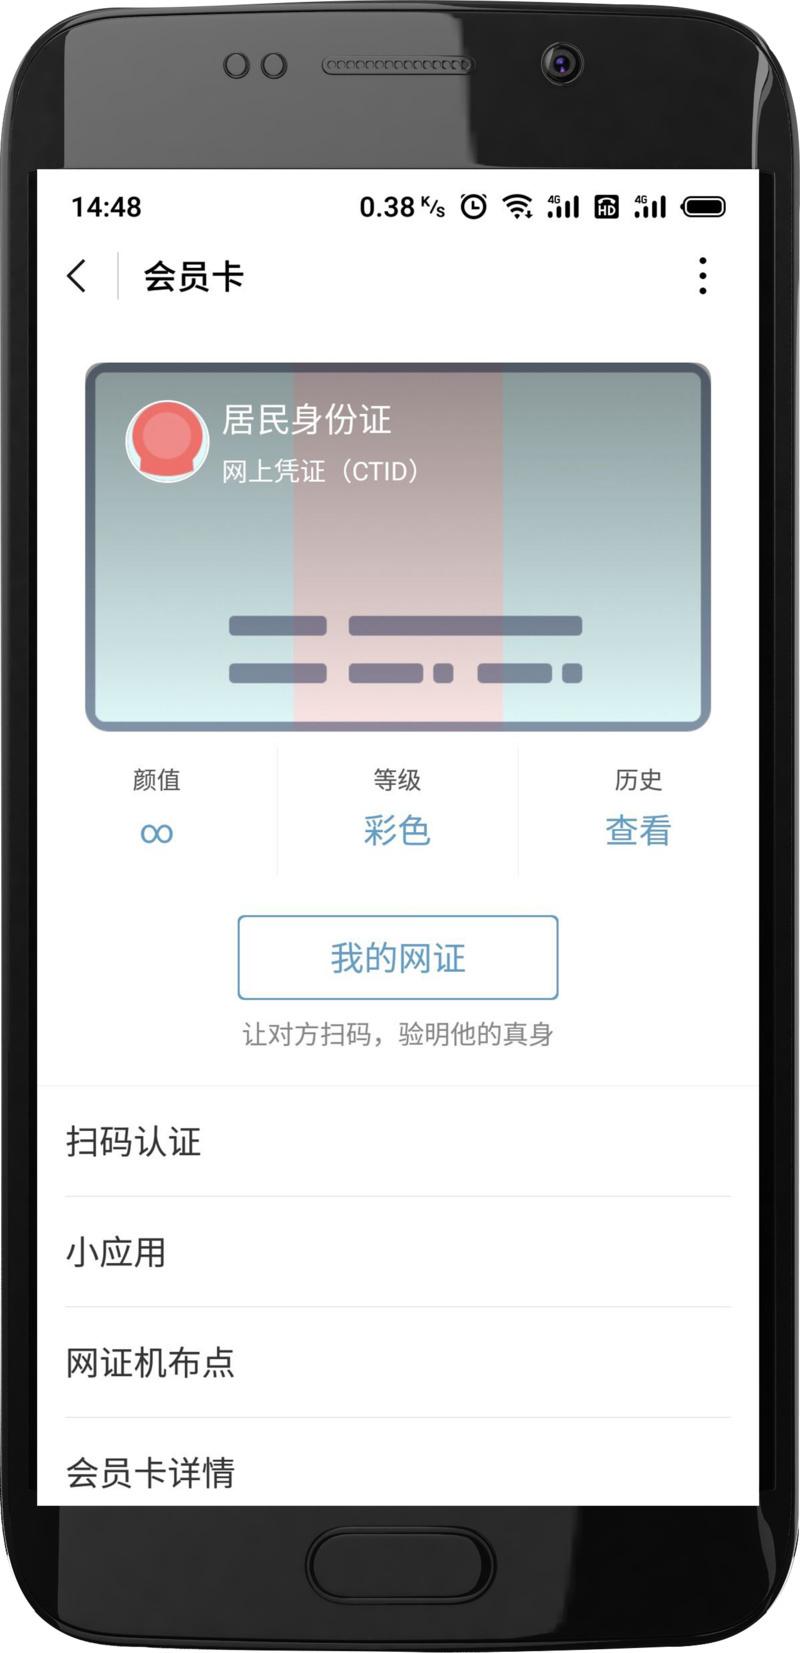 36氪首发 |「大白互联」获千万级别Pre-A轮融资,加速可信身份认证(CTID)应用落地